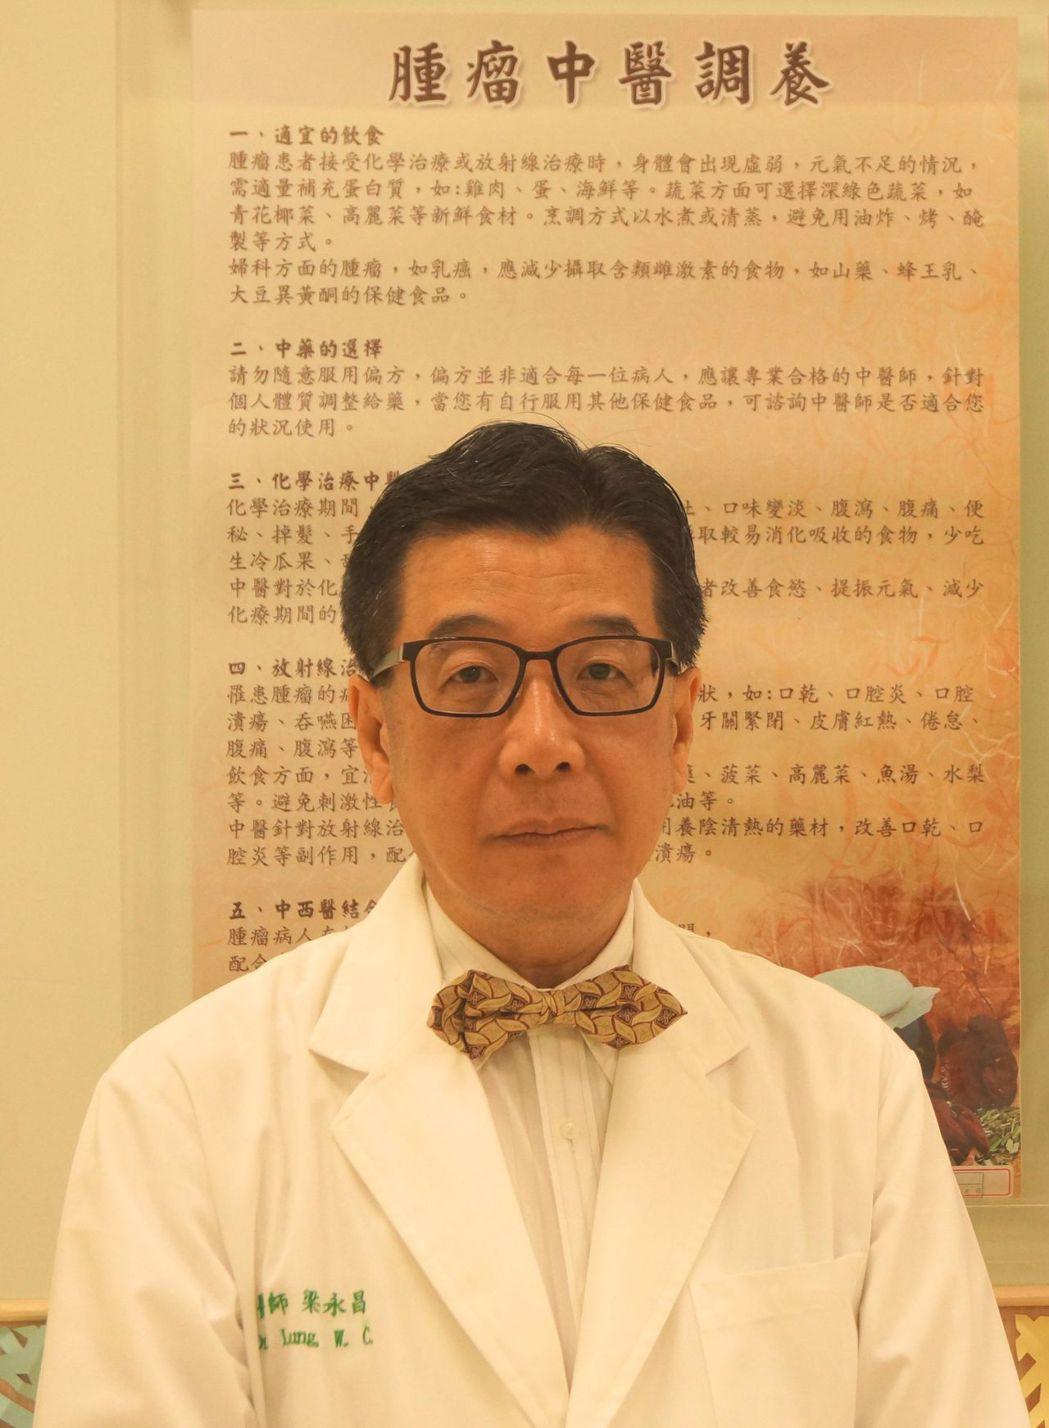 台南市立安南醫院放射腫瘤科主任梁永昌提醒民眾吃雞蛋的好處多多。圖/安南醫院提供